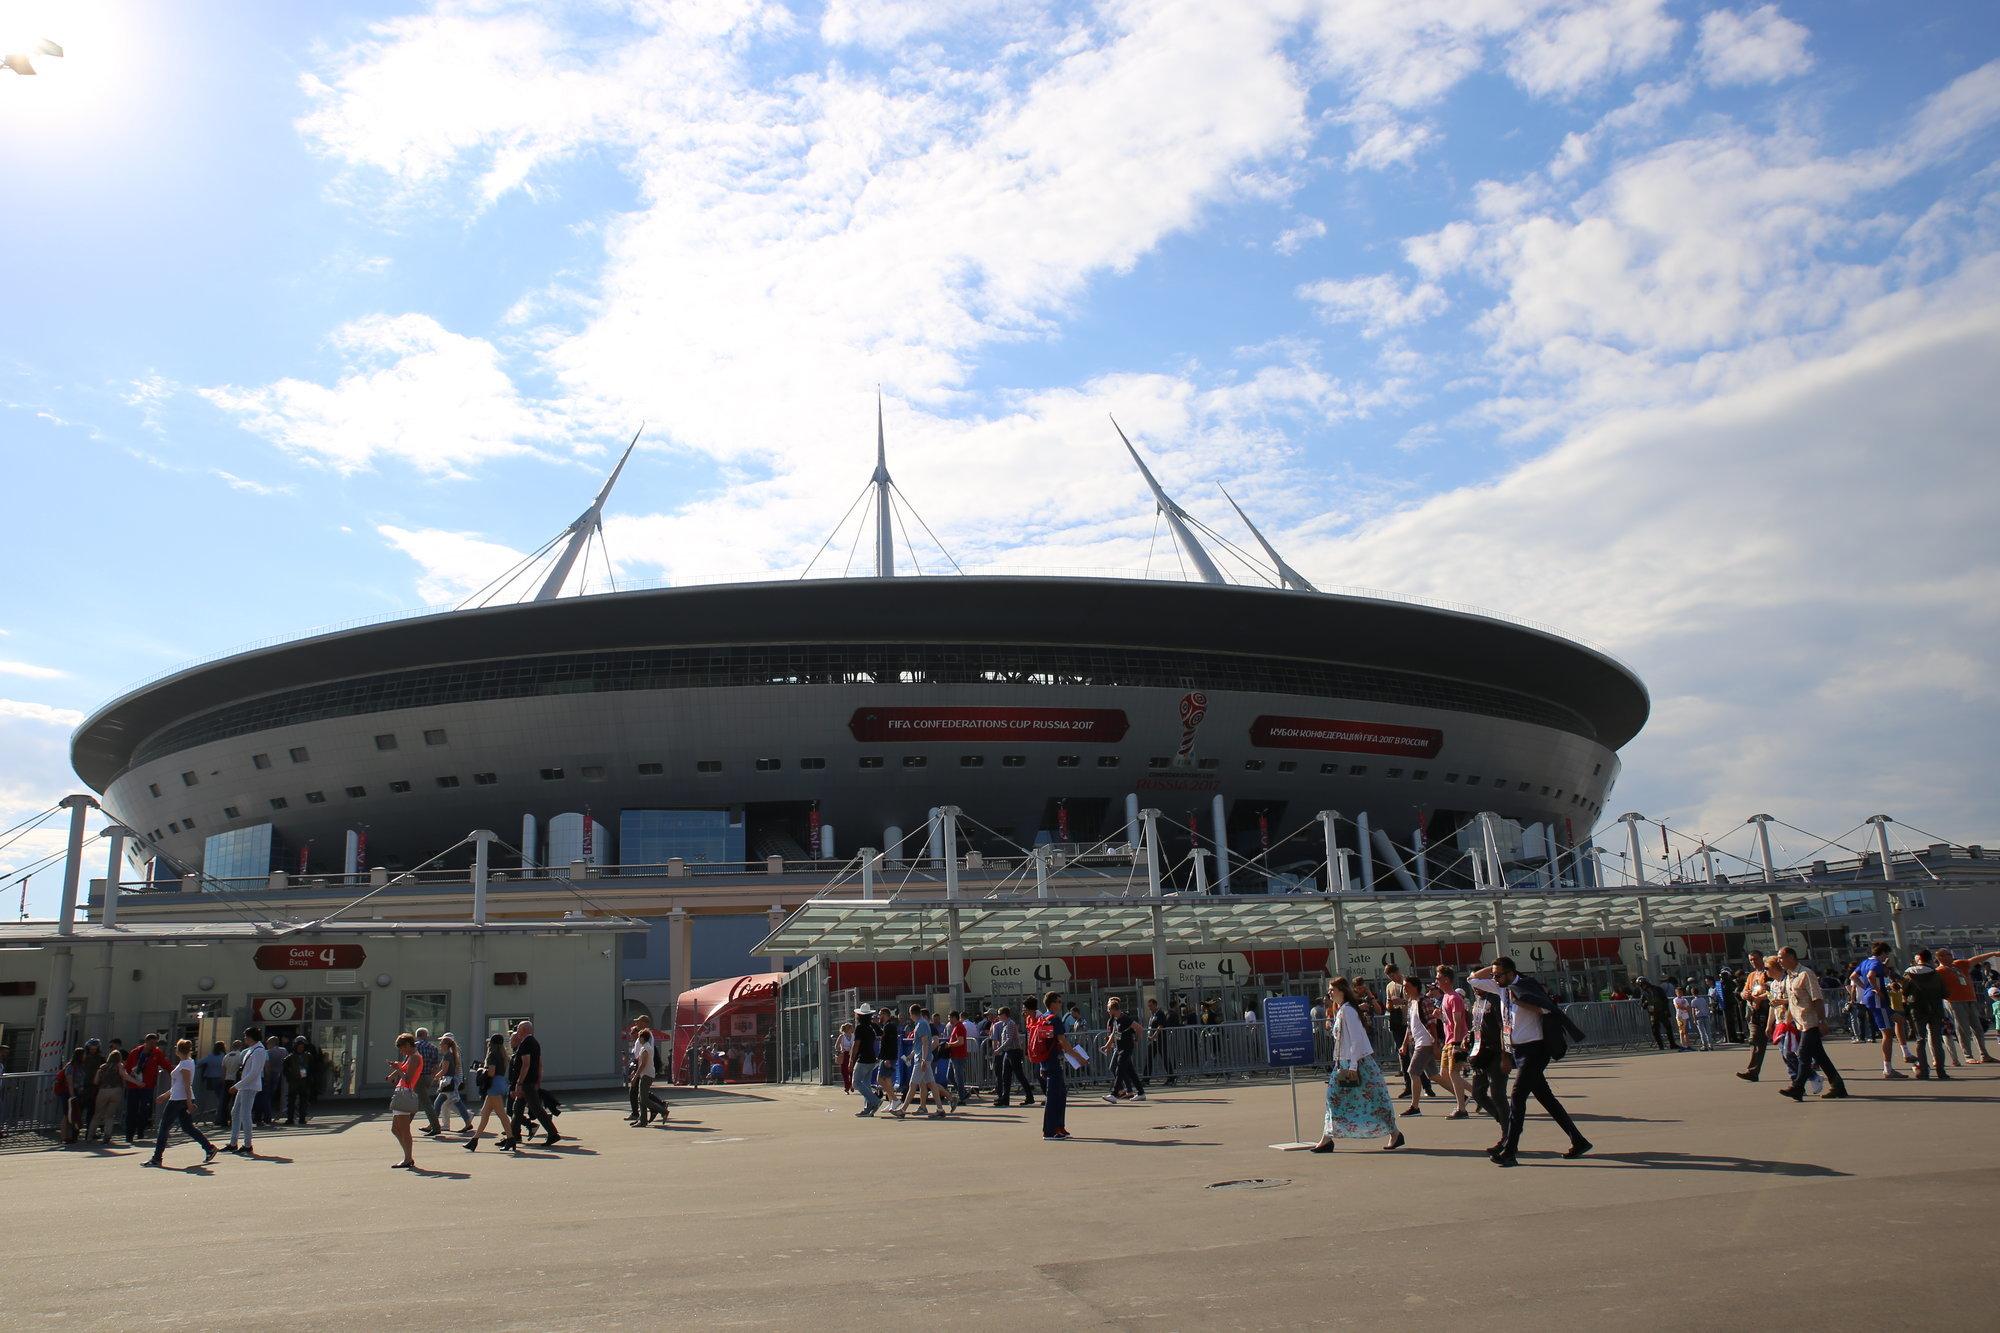 Вице-губернатор Санкт-Петербурга: Нафинал Кубка конфедераций реализовано 53 тысячи билетов